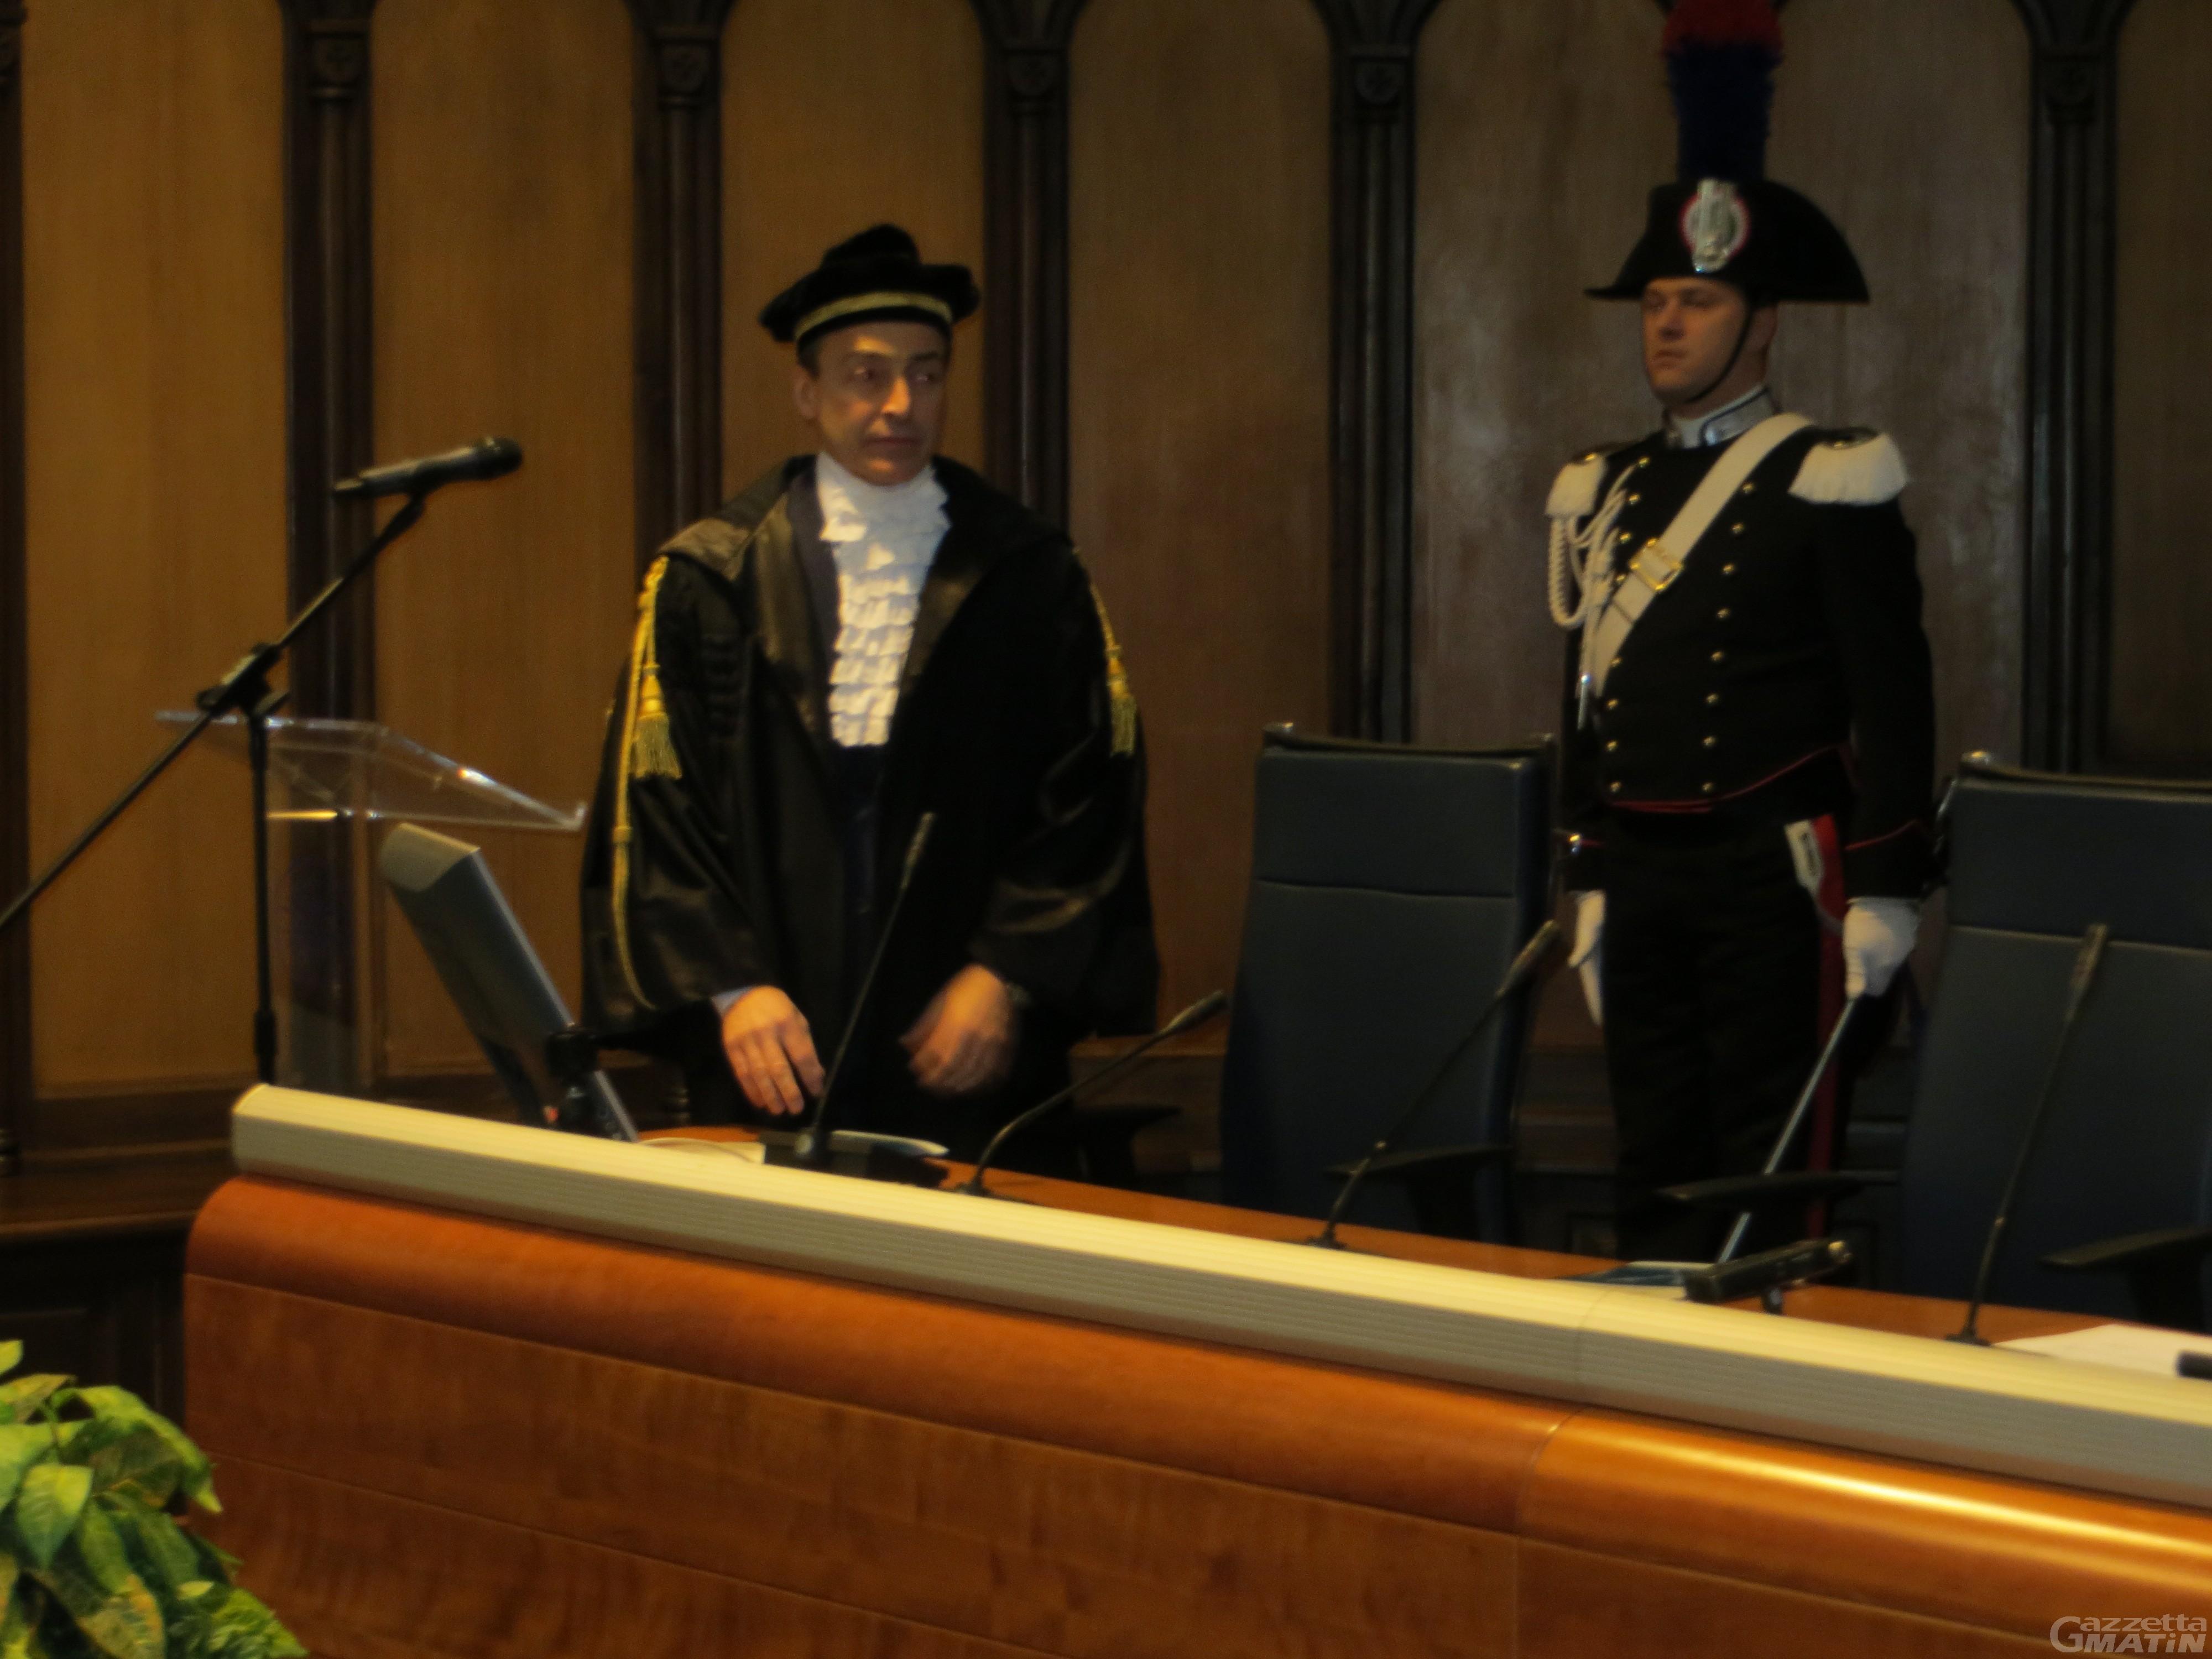 La Corte dei Conti non chiuderà